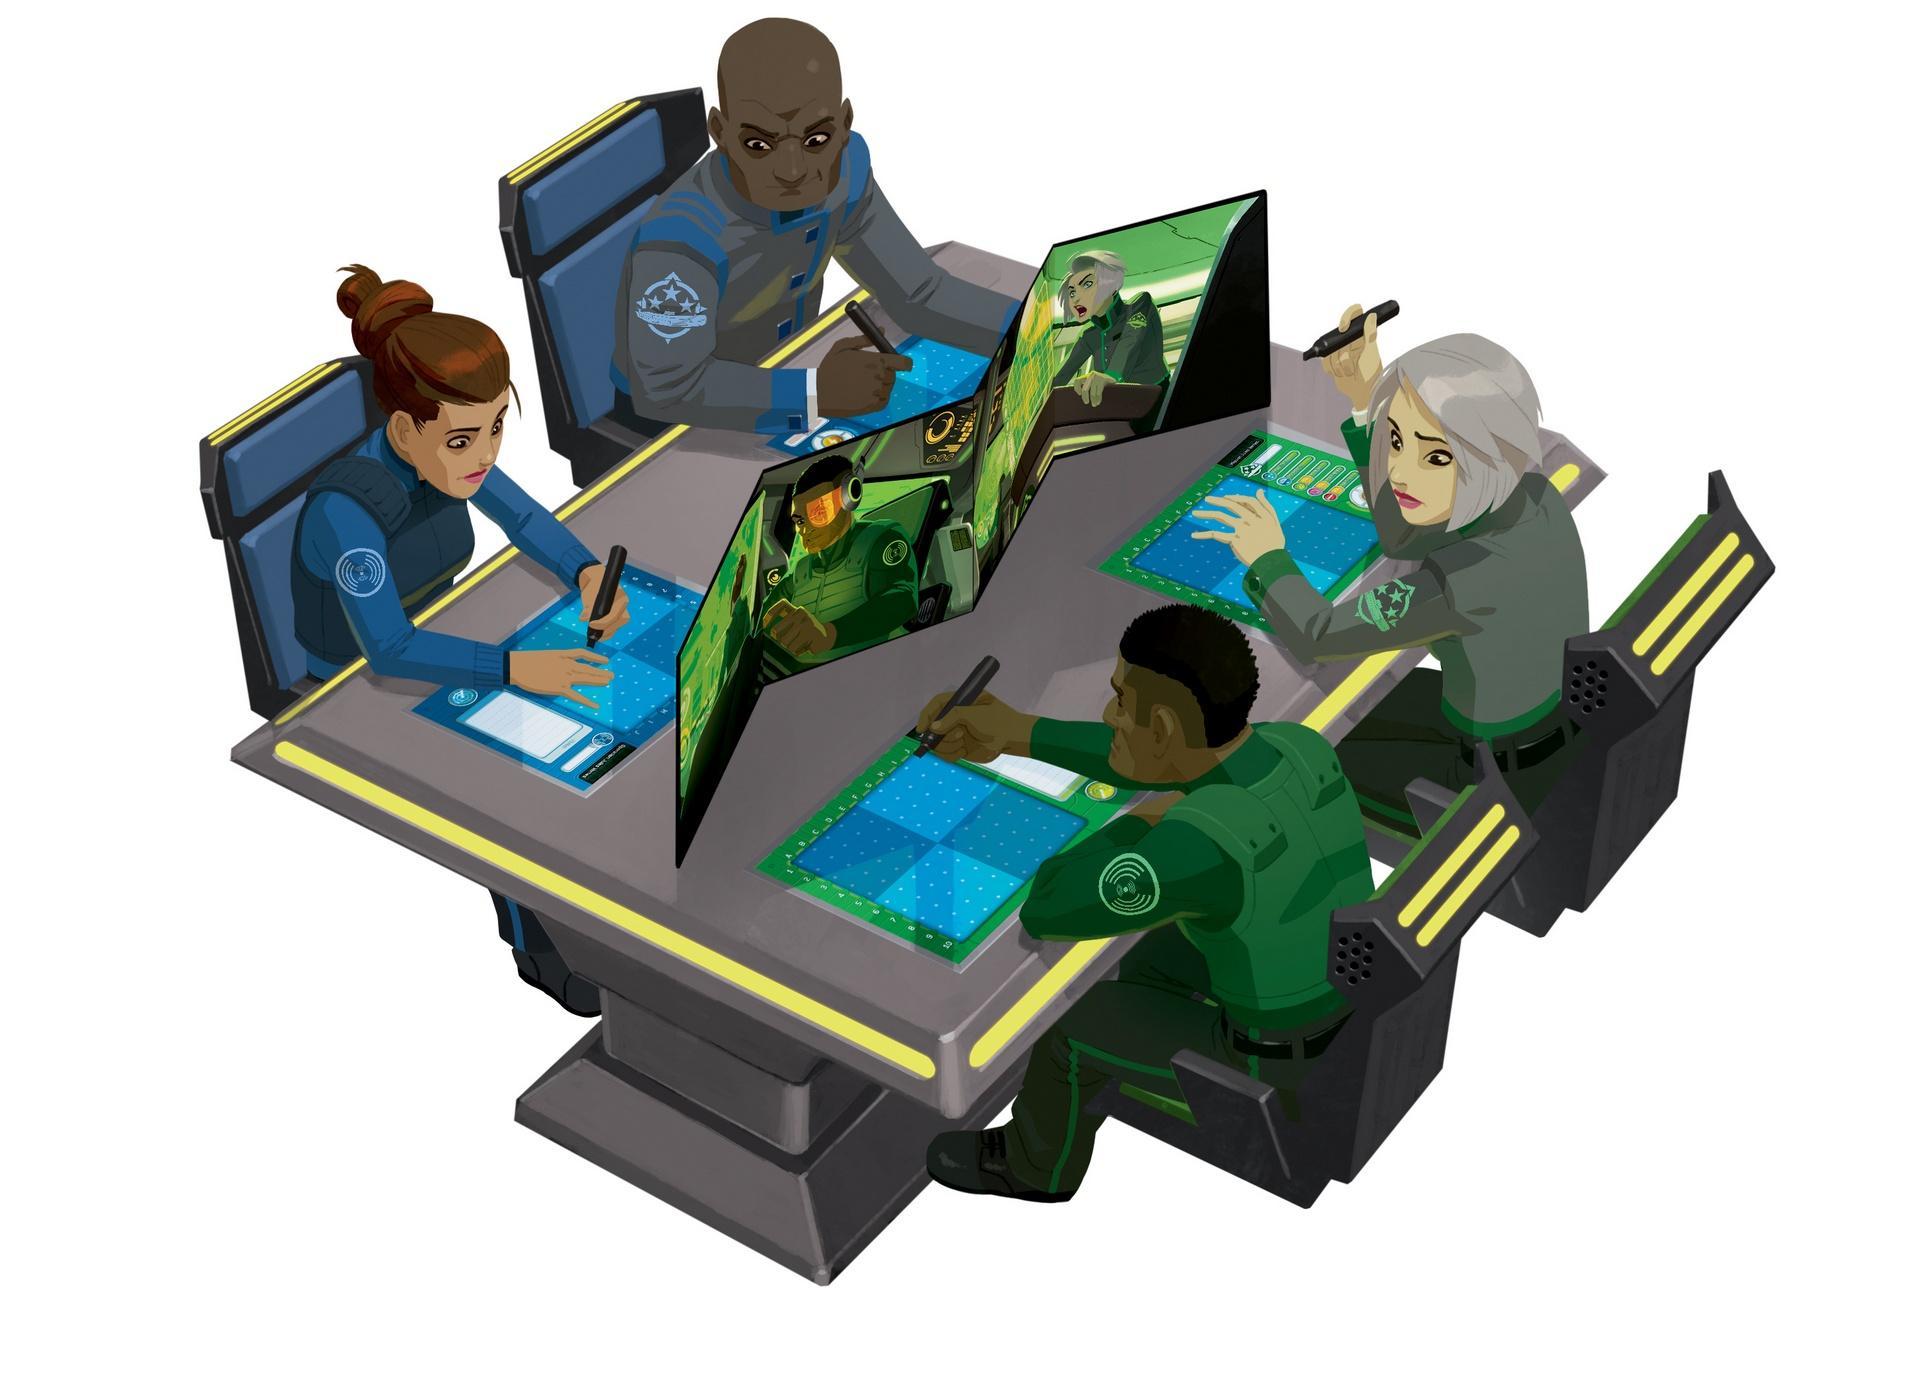 Le jeu propose des parties à deux ou quatre joueurs mais honnêtement, la configuration idéale reste deux équipes de deux.